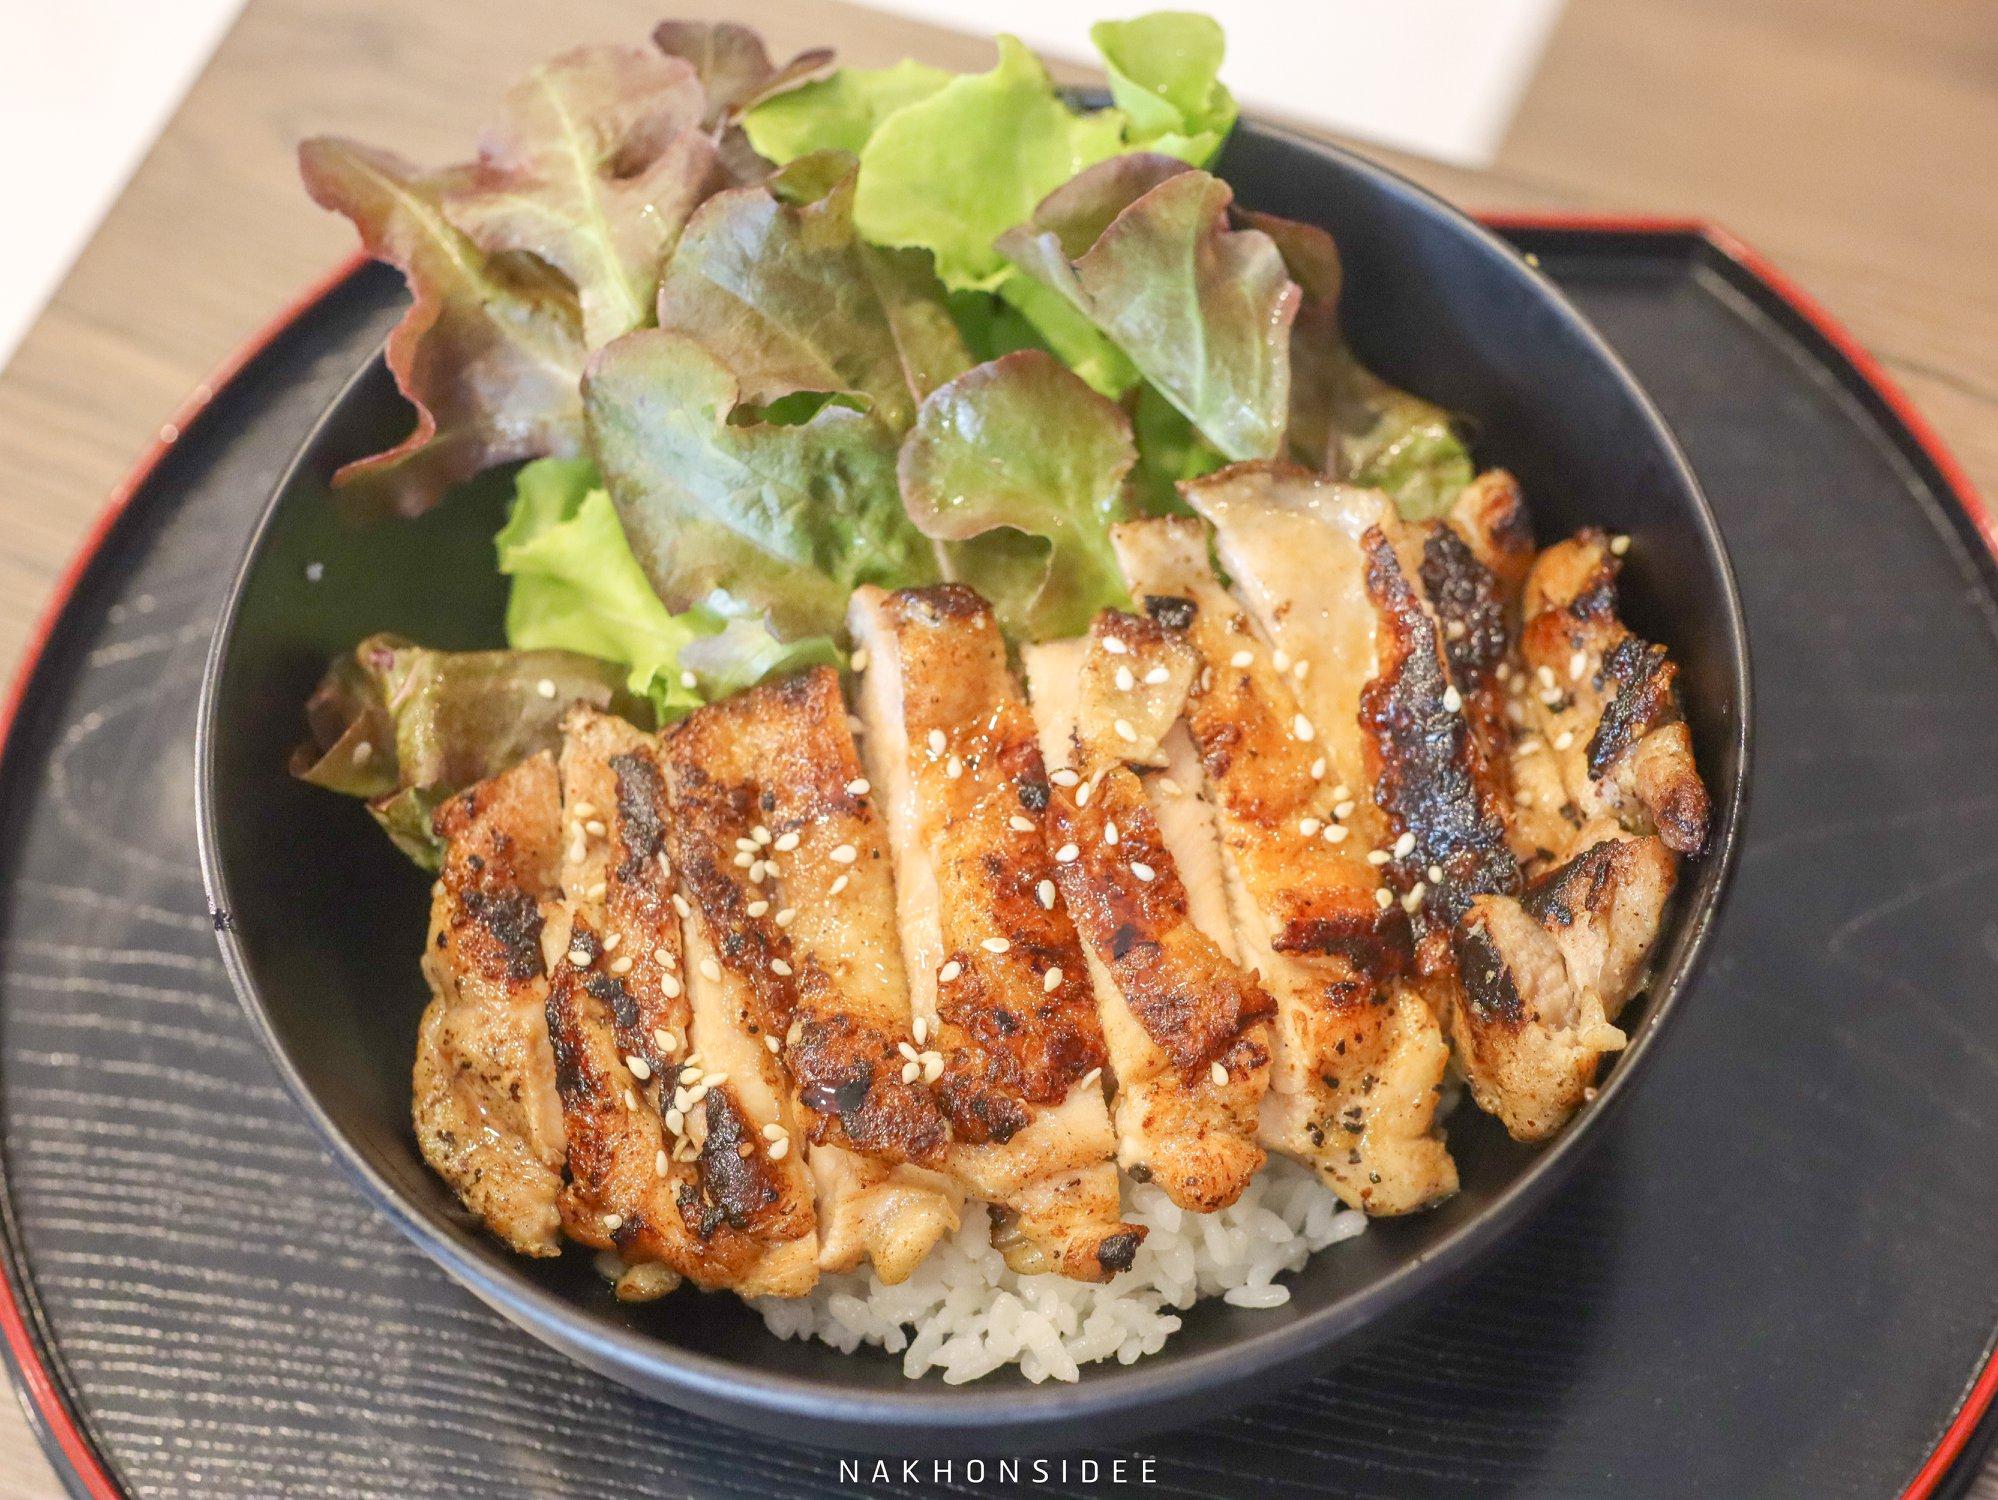 ไก่เทอริยากินุ่มๆ อาหาร,เครื่องดื่ม,เกาหลี,ญี่ปุ่น,อาหารไทย,ฝรั่ง,คาเฟ่,นครศรีธรรมราช